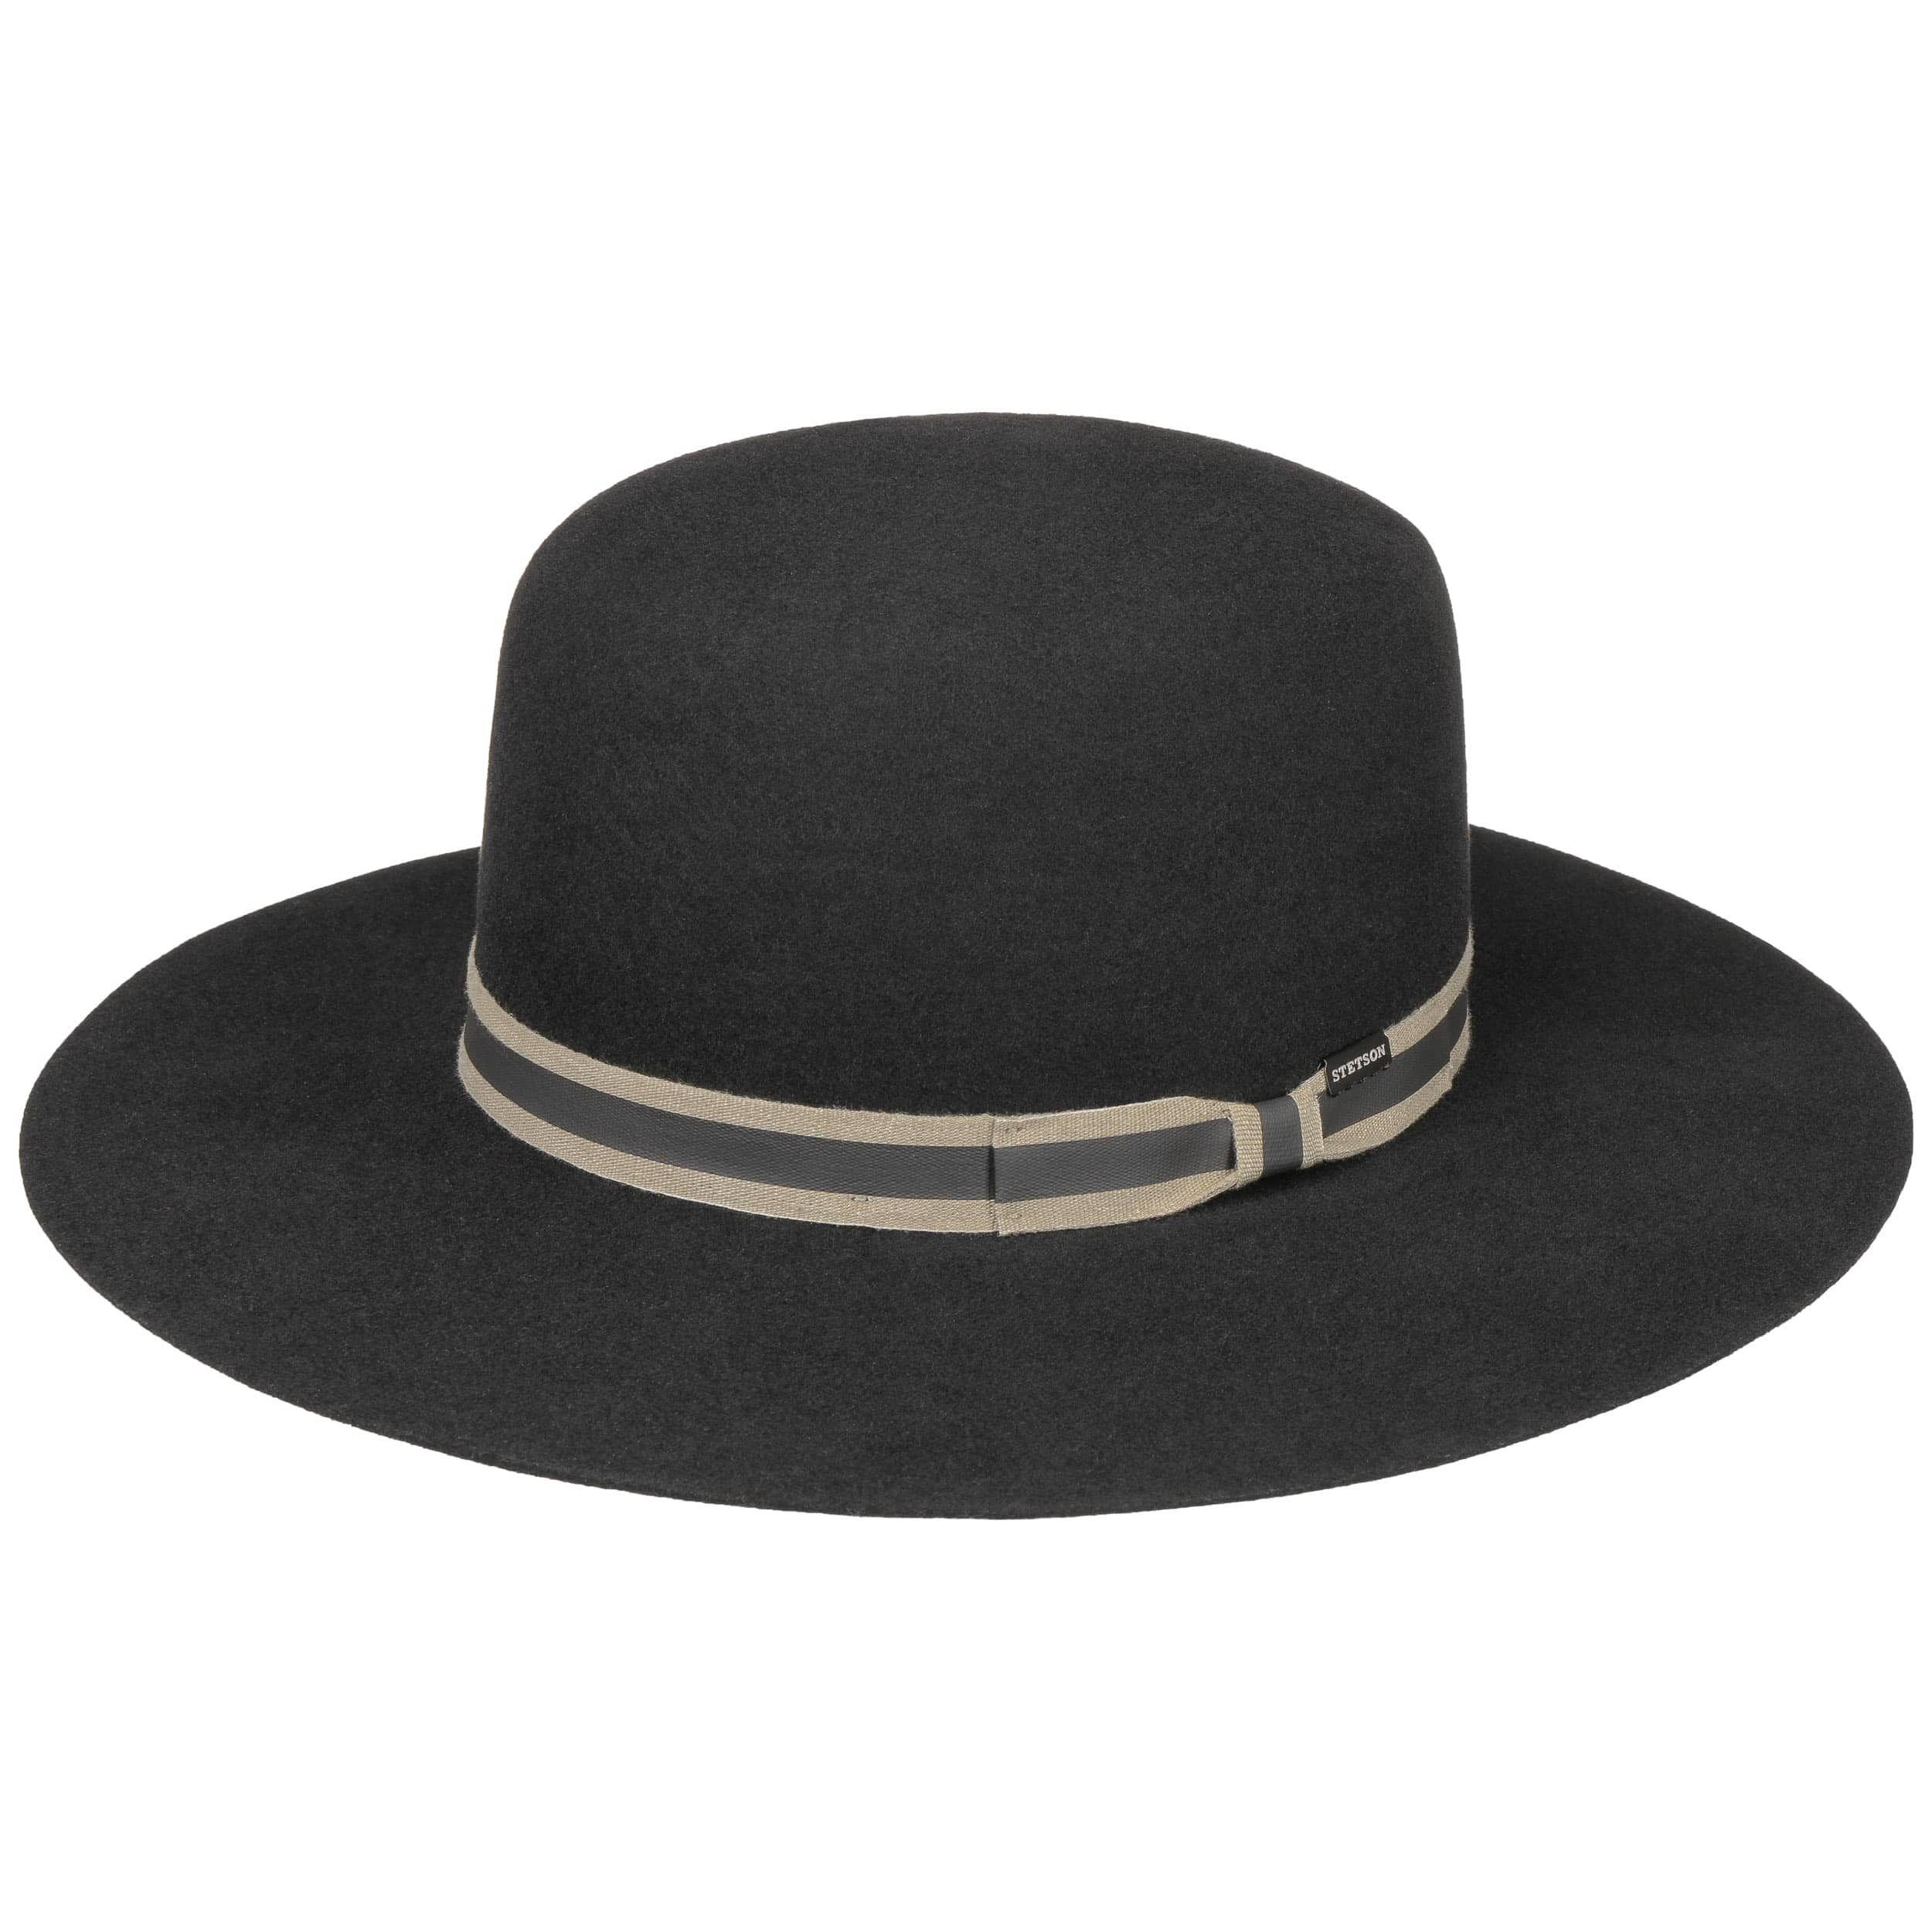 Sombrero de Fieltro de Lana Amish negro